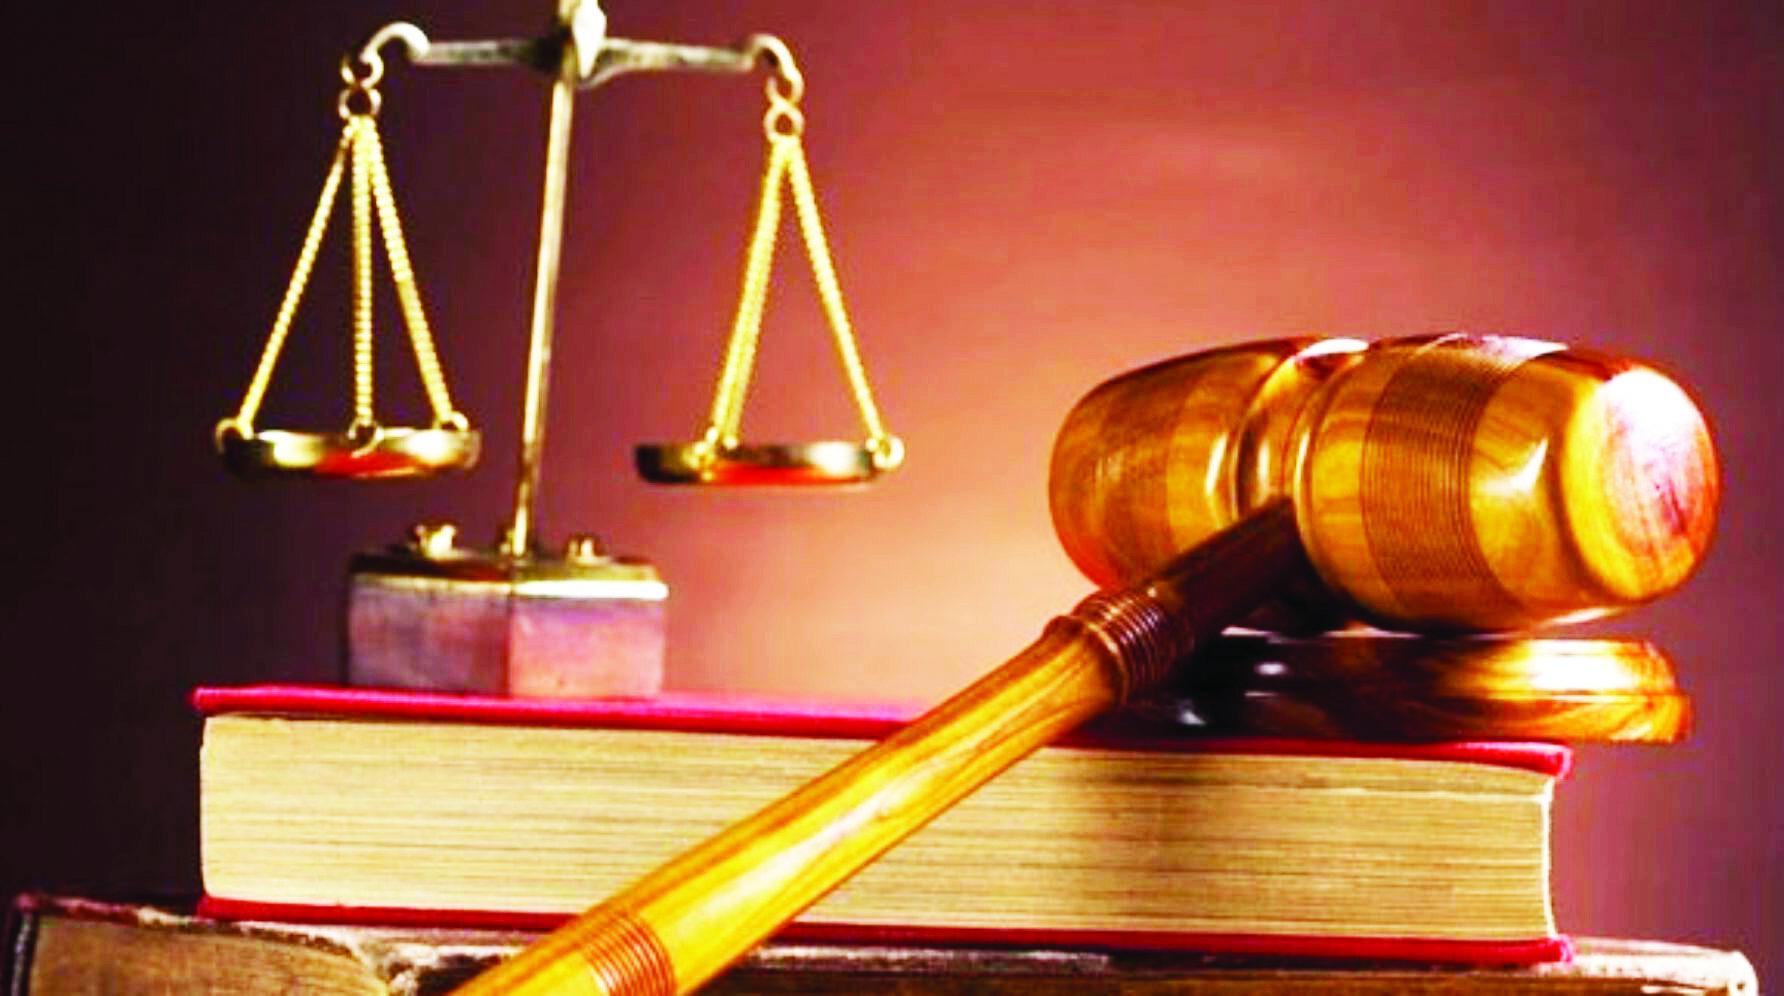 عدالت ترمیمی، رویکردی نوین در راستای صیانت از حقوق فعالان بازار سرمایه